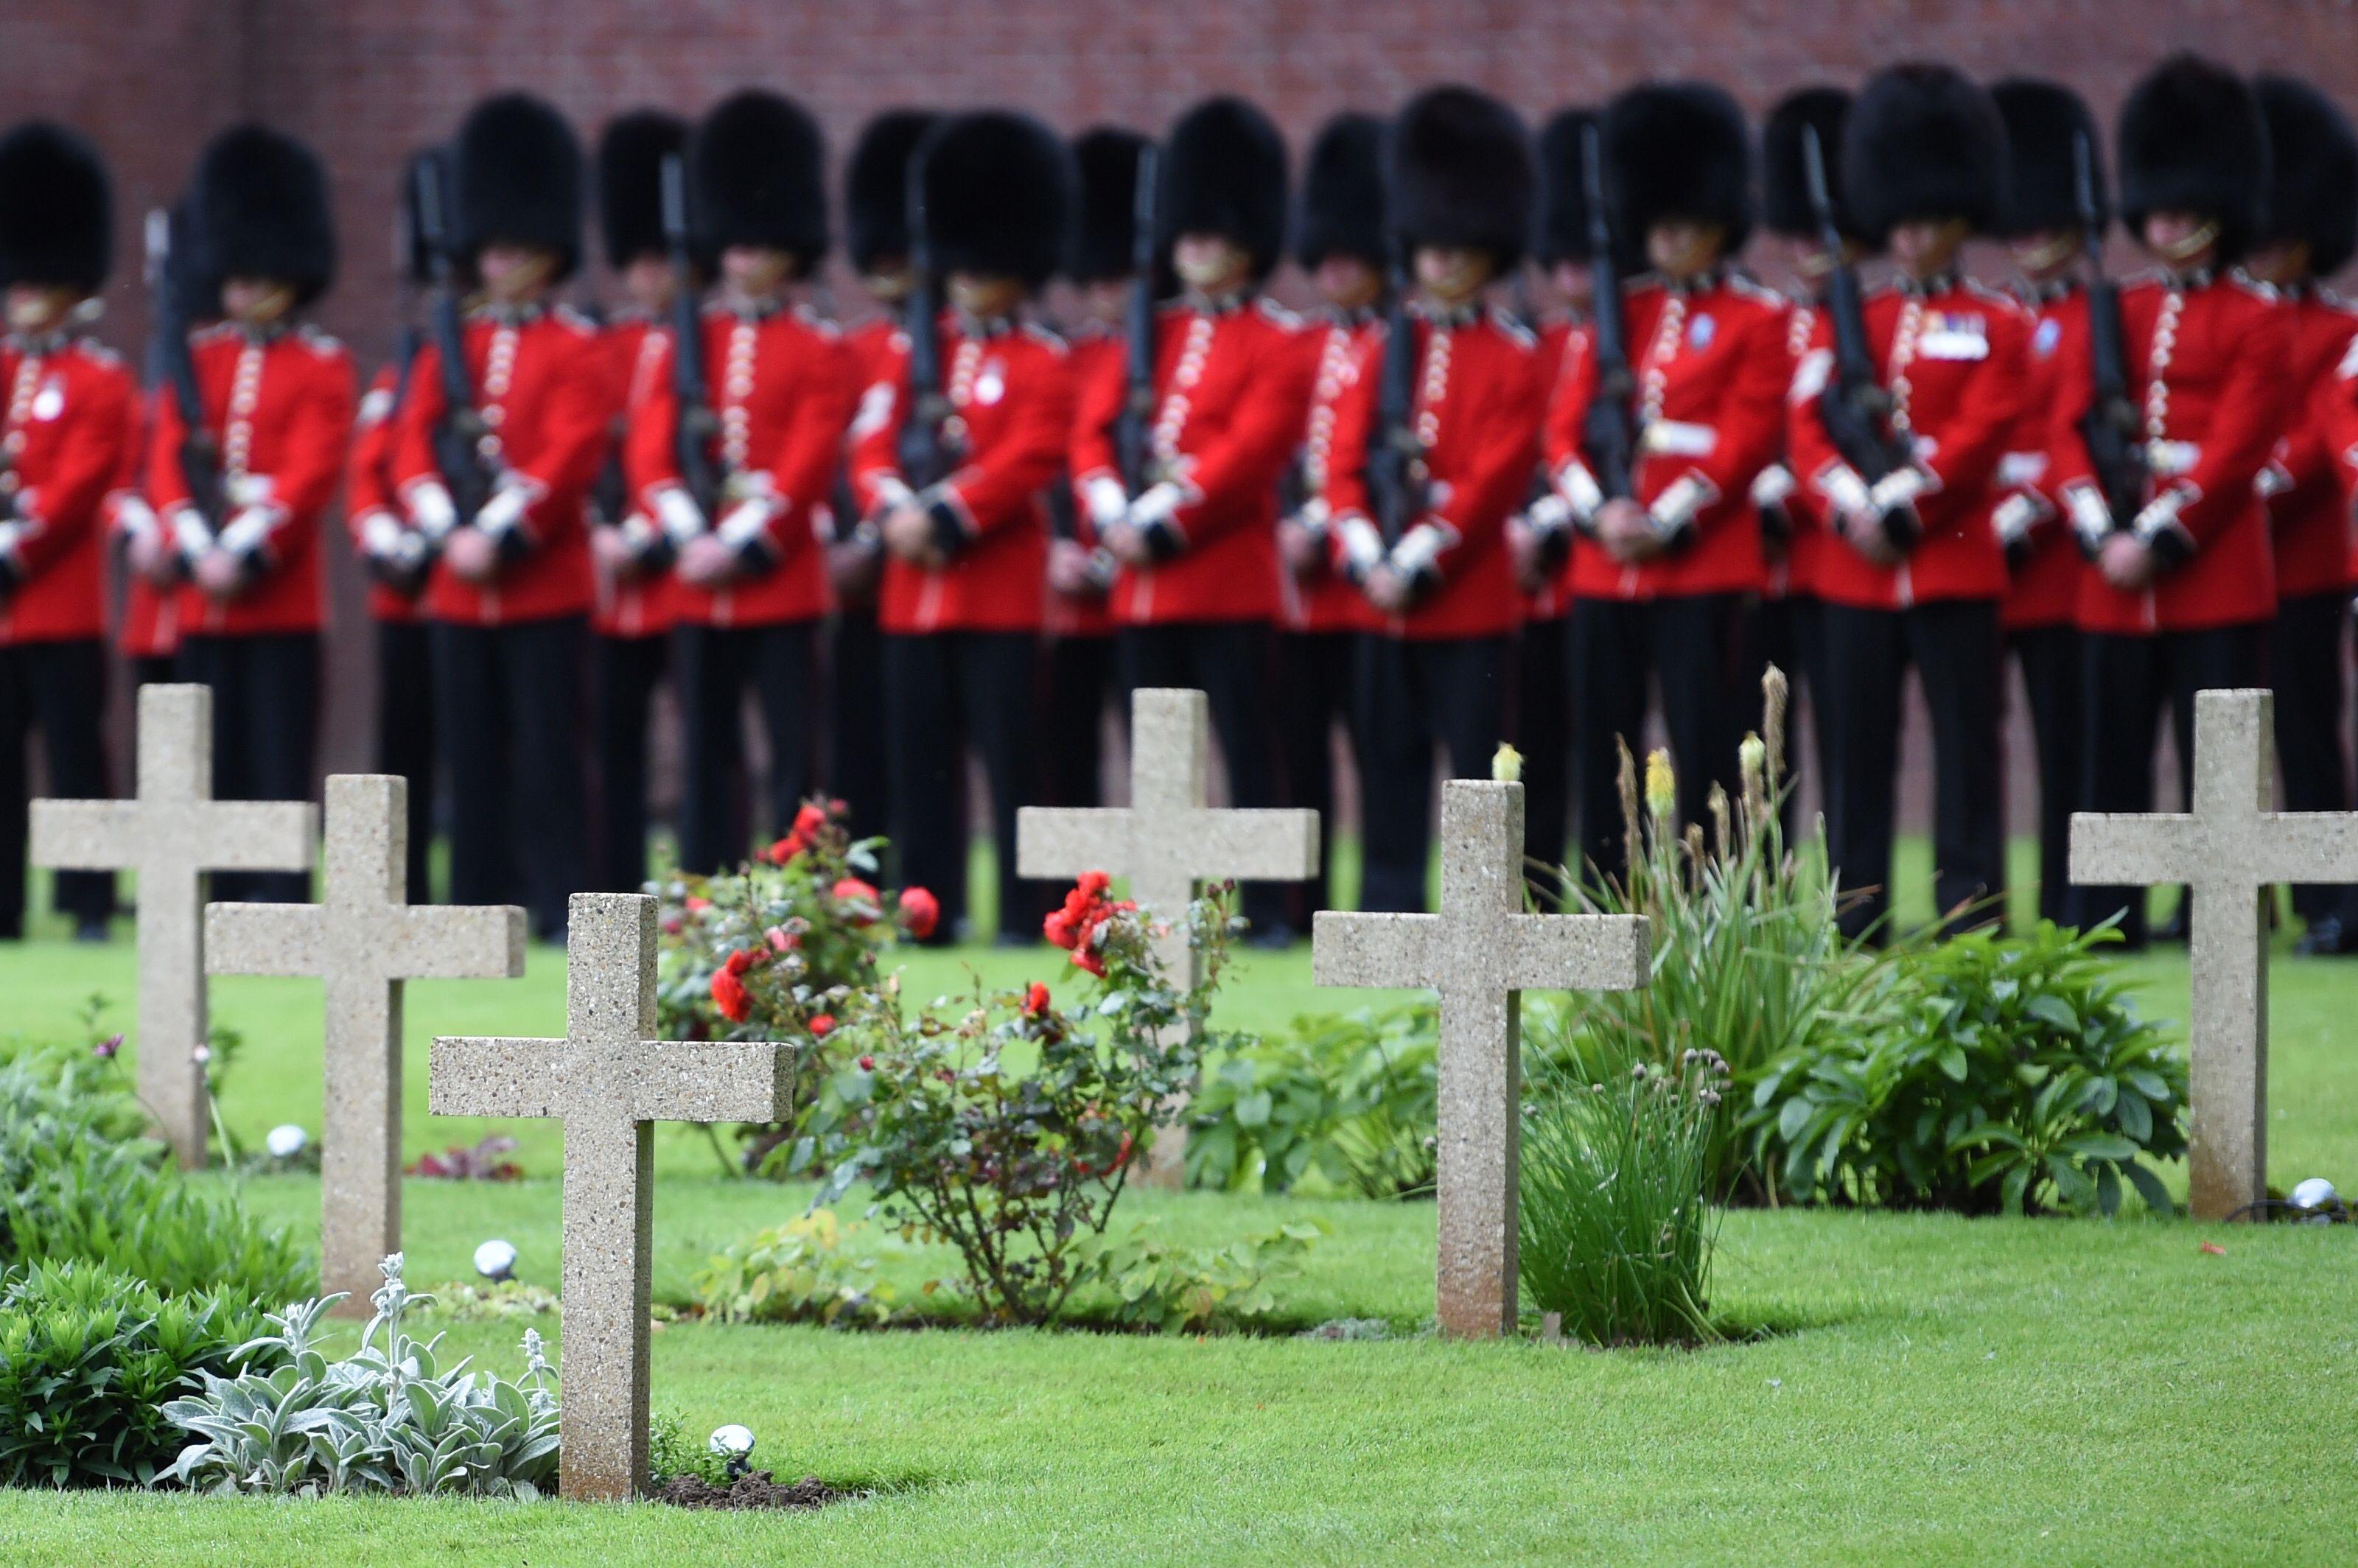 (PHOTOS) - Anglais et Français commémorent le centenaire de la bataille de la Somme, la plus meurtrière de la Grande Guerre